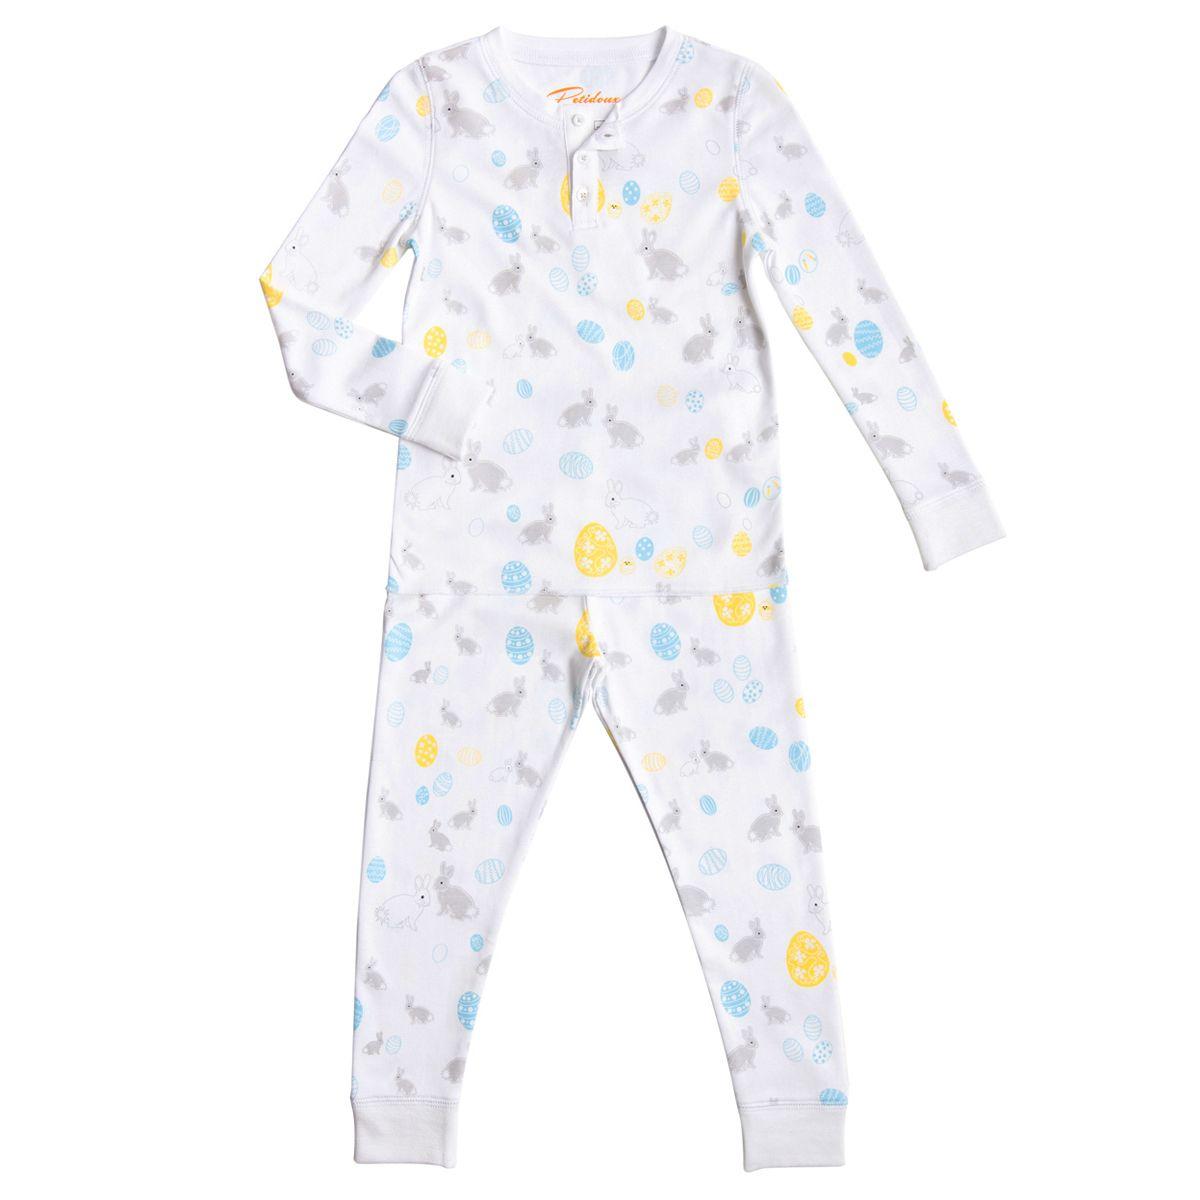 Petidoux Toddler/Big Kid Bunnies & Easter Eggs PJs